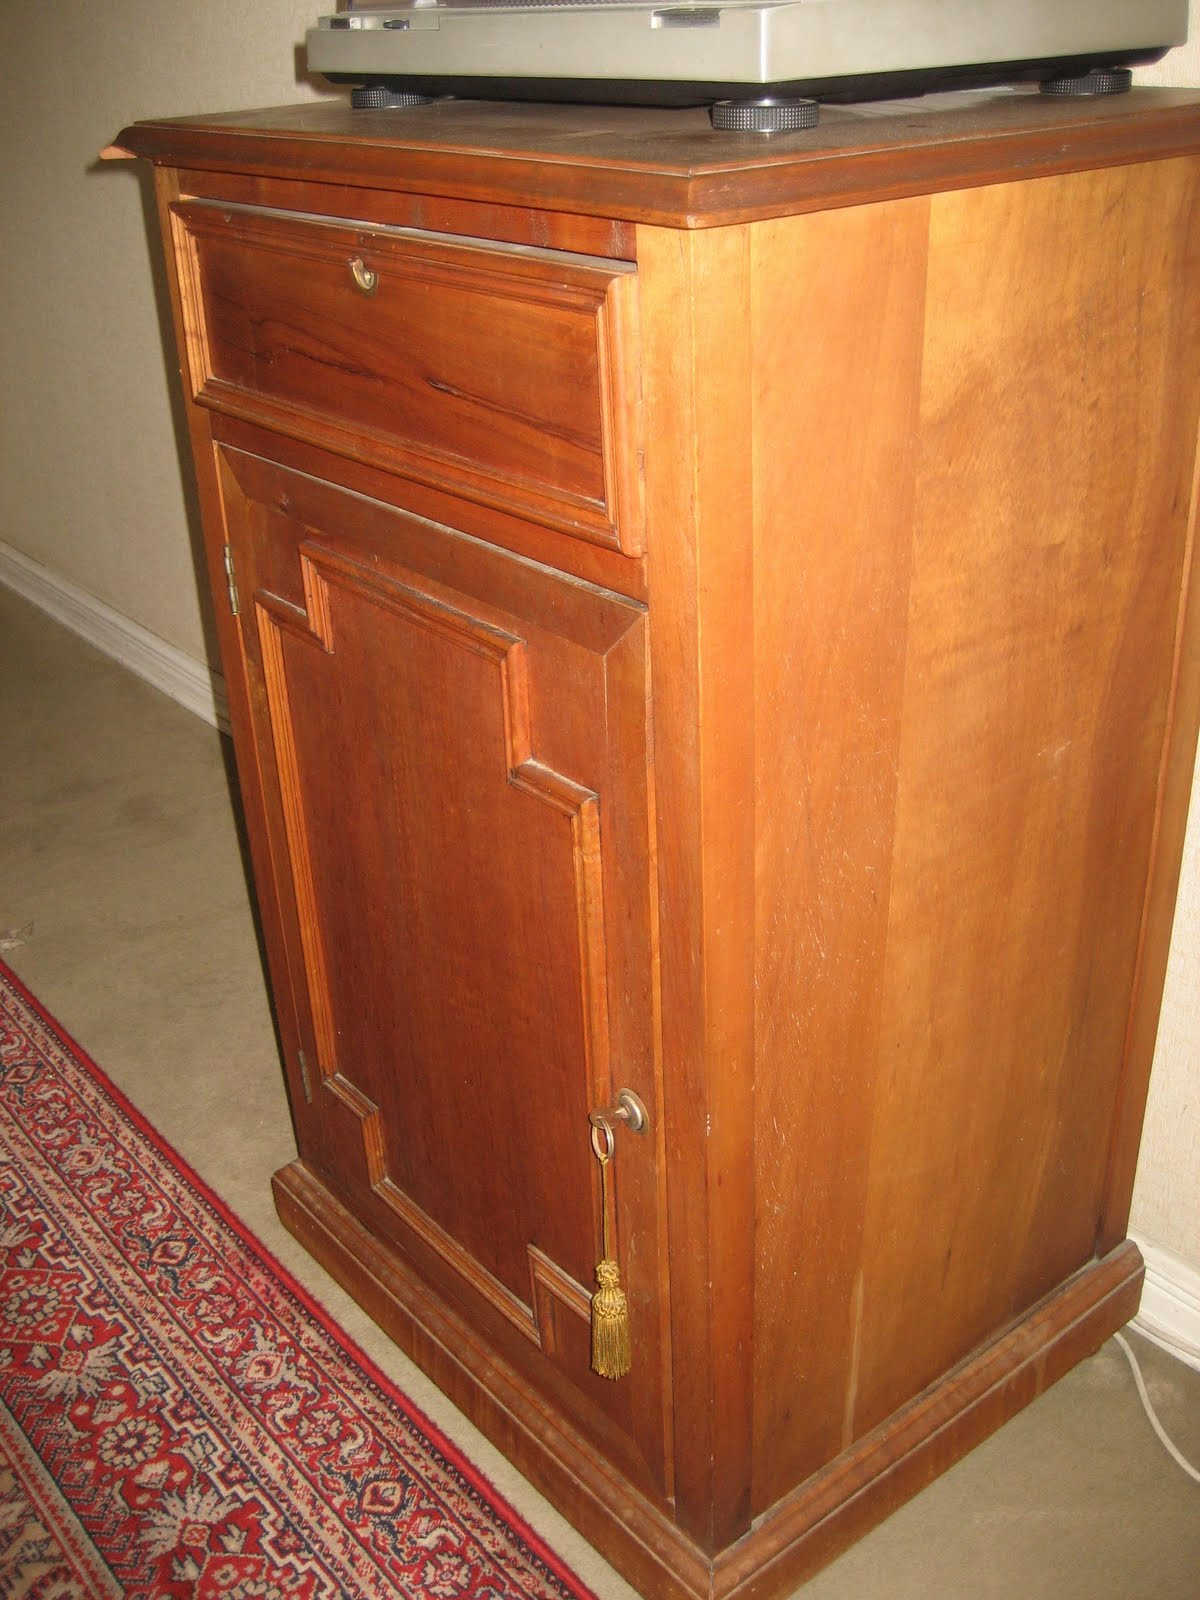 Articulos a la venta por poca plata mueble para guardar - Muebles para equipos de musica ...